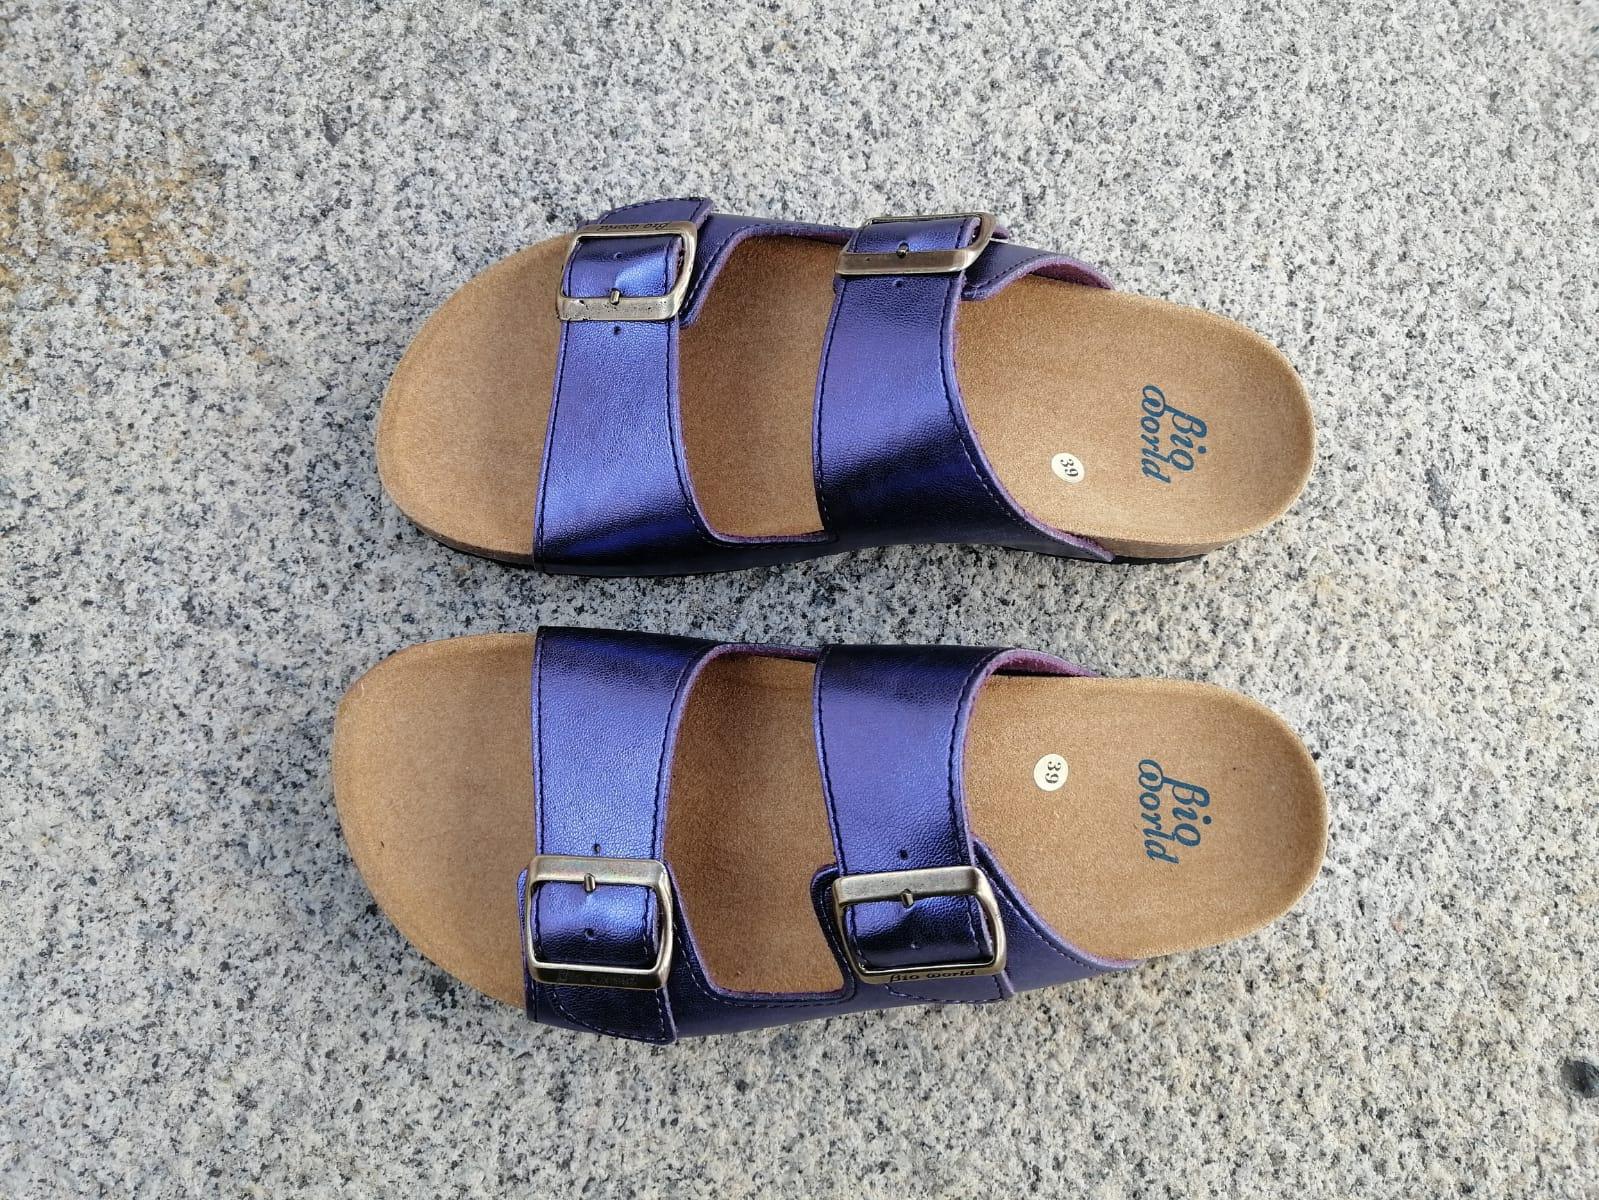 VICTORIA glicine sandalias veganas, sandalias veganas mujer, calzado vegano, sandalias de tacón bajo, sandalias bioworld, vegan shoes.